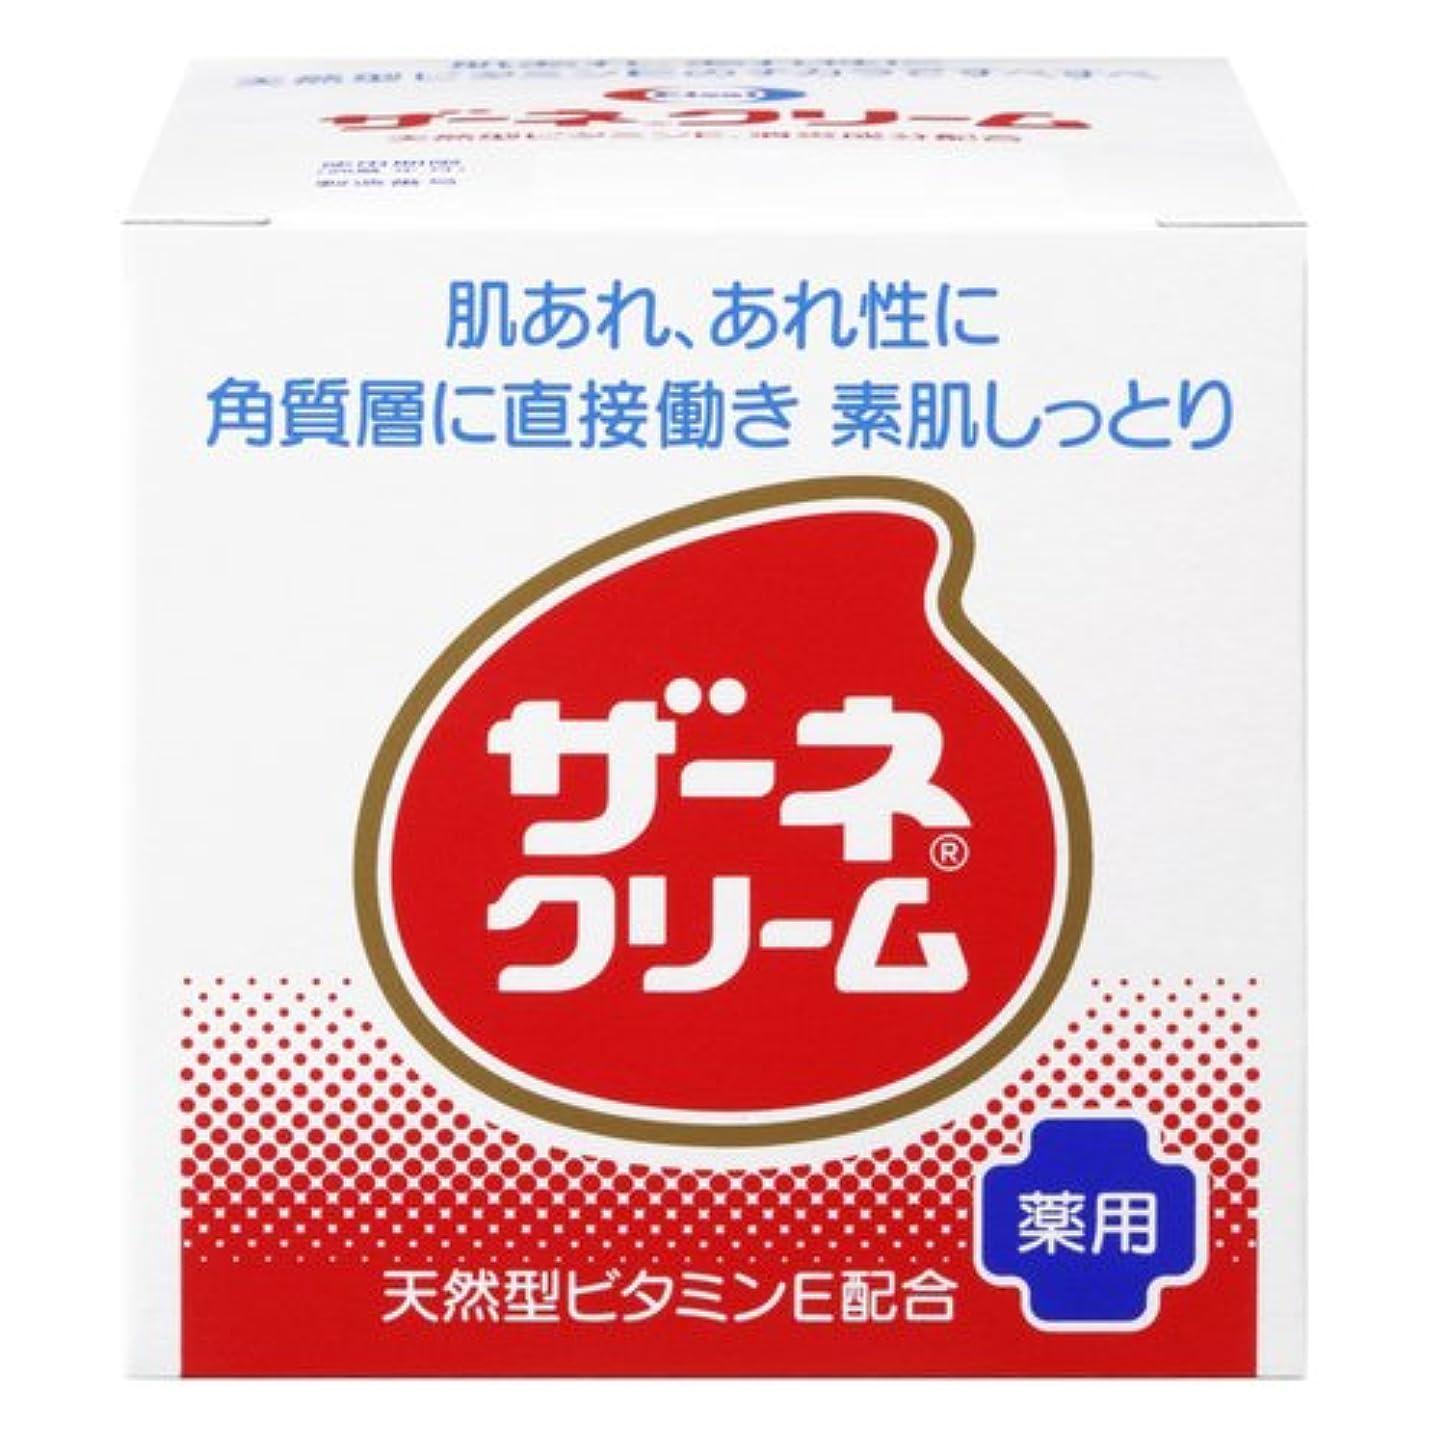 汚す食事銀行ザーネクリーム 115g [ヘルスケア&ケア用品]